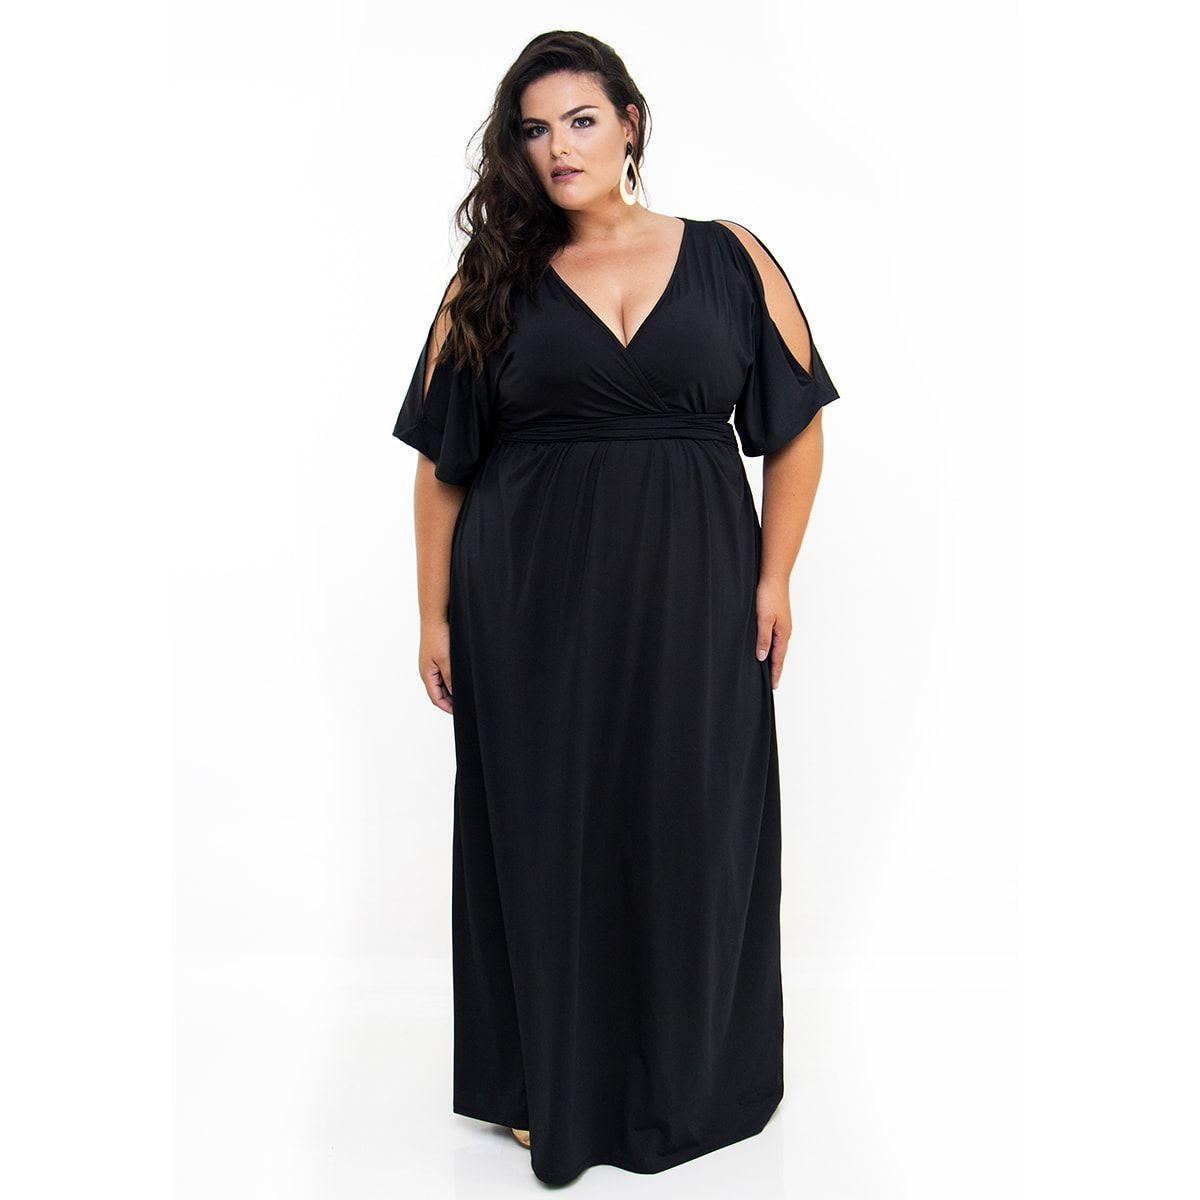 Vestido de Festa Plus Size